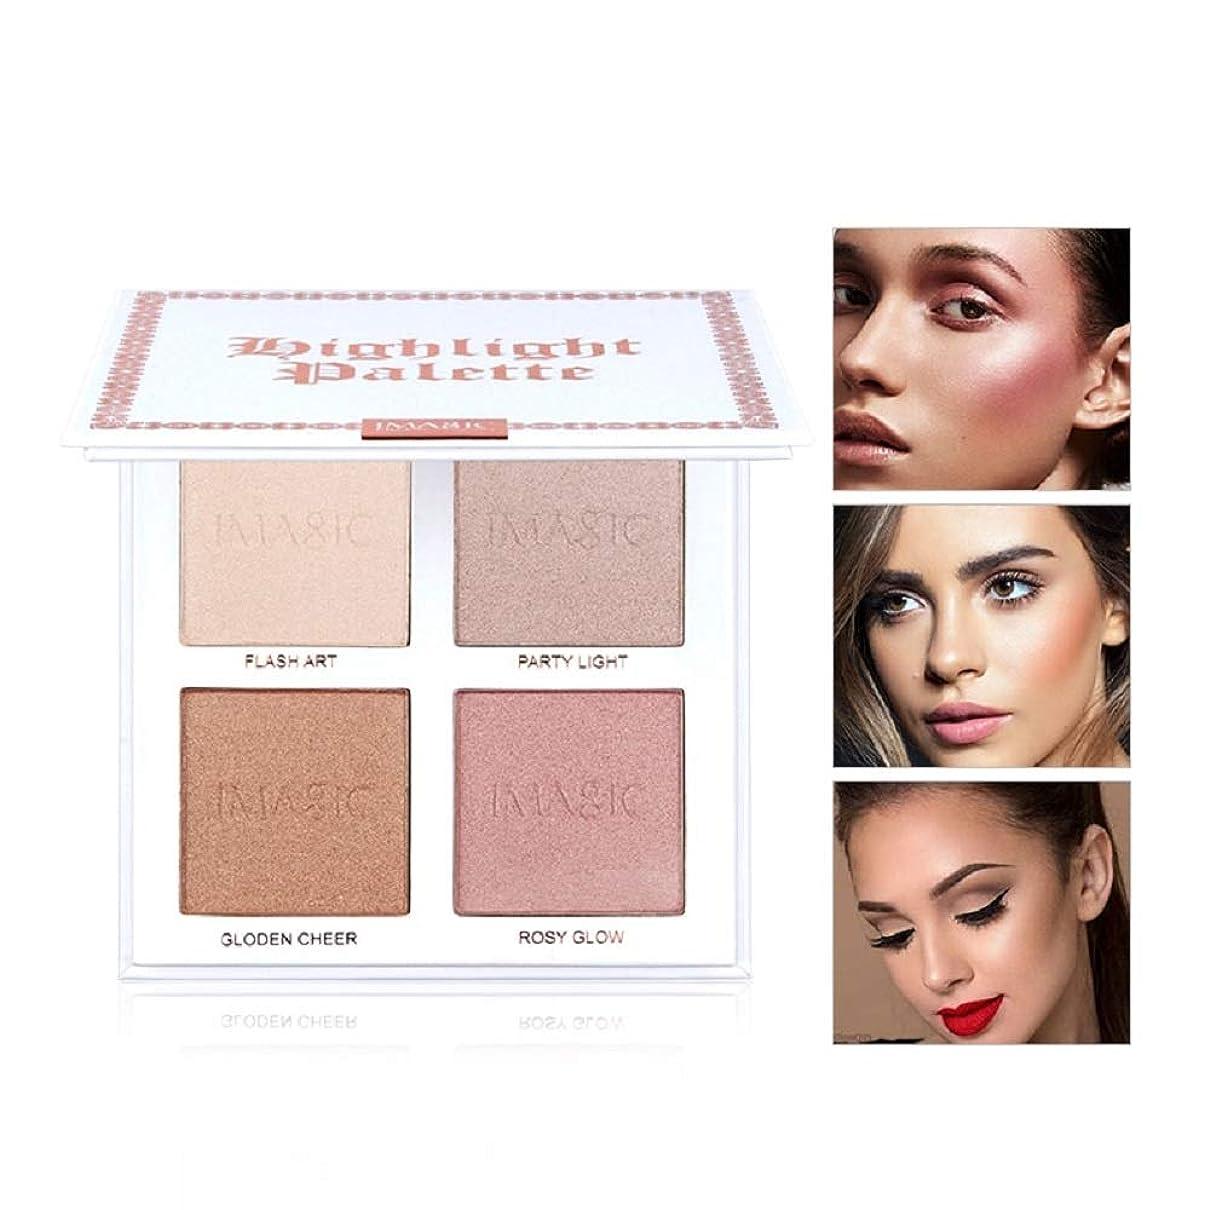 個人的な中級火星Makeup Glitter Highlighter Palette 4 Color Shimmer Brilliant Pink Nude Highlighter Powder Face Illuminator Glow Kit ハイライトイルミネーターフェイスメイクアップライターライターハイライターパウダーパレットブロンザーグローキット化粧